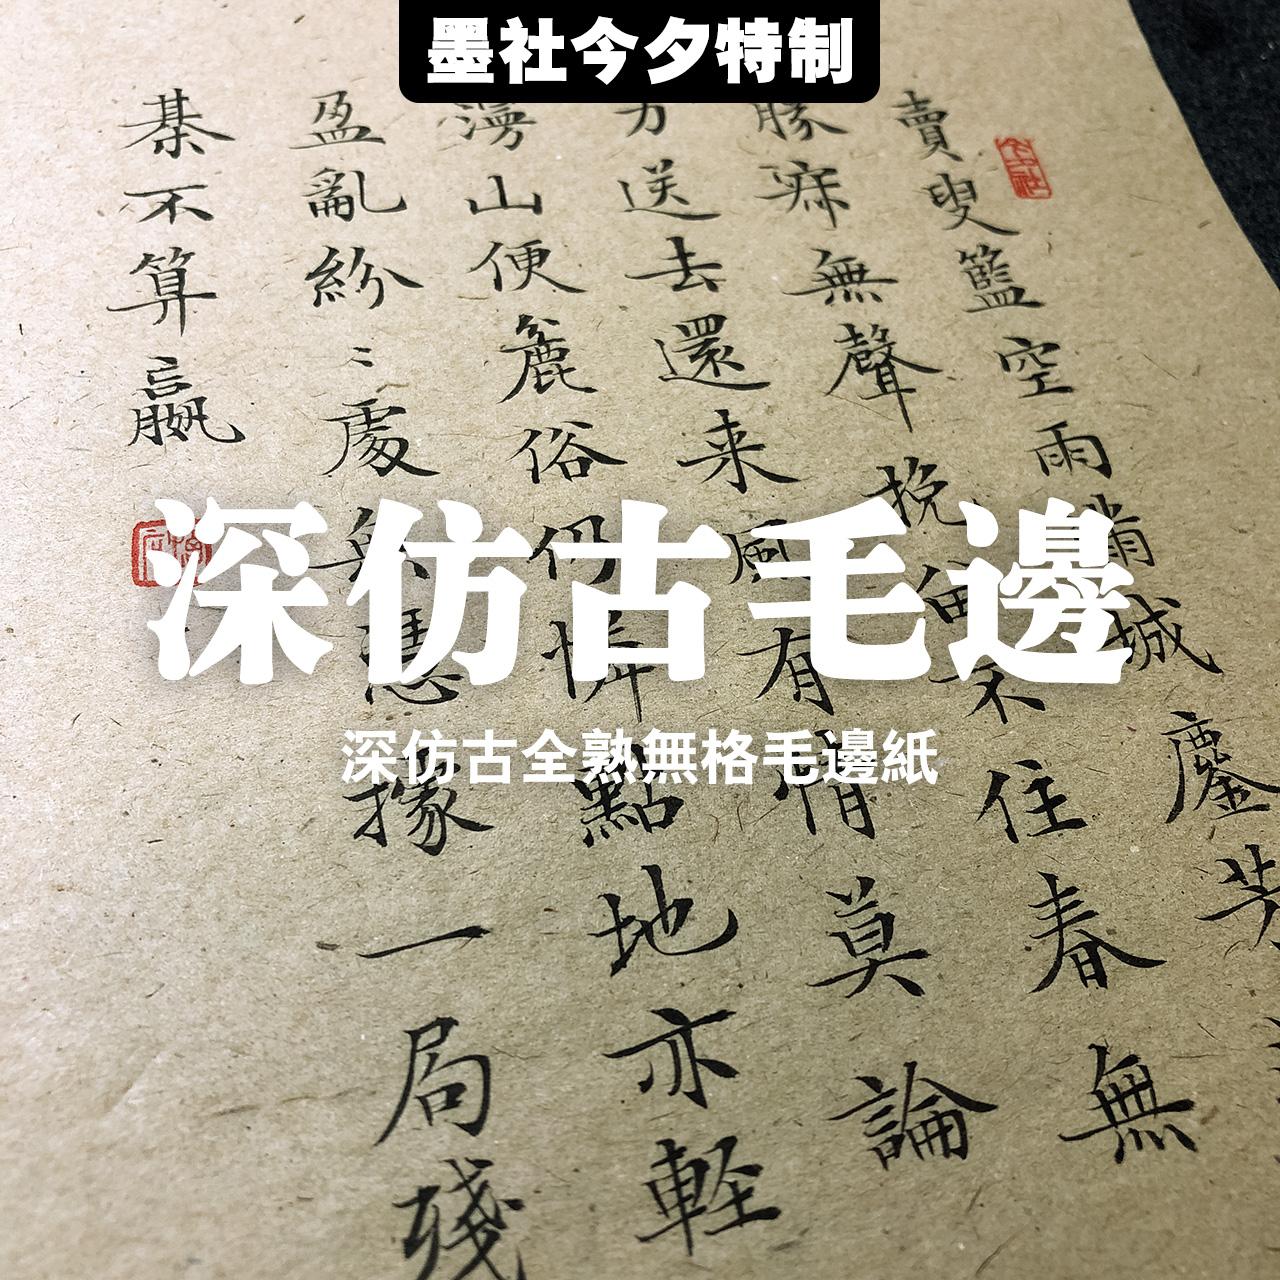 Моше сделал специальные приготовления для темно копия древний без Бумага для бумаги с блестящей бумагой проста в использовании 50 копий